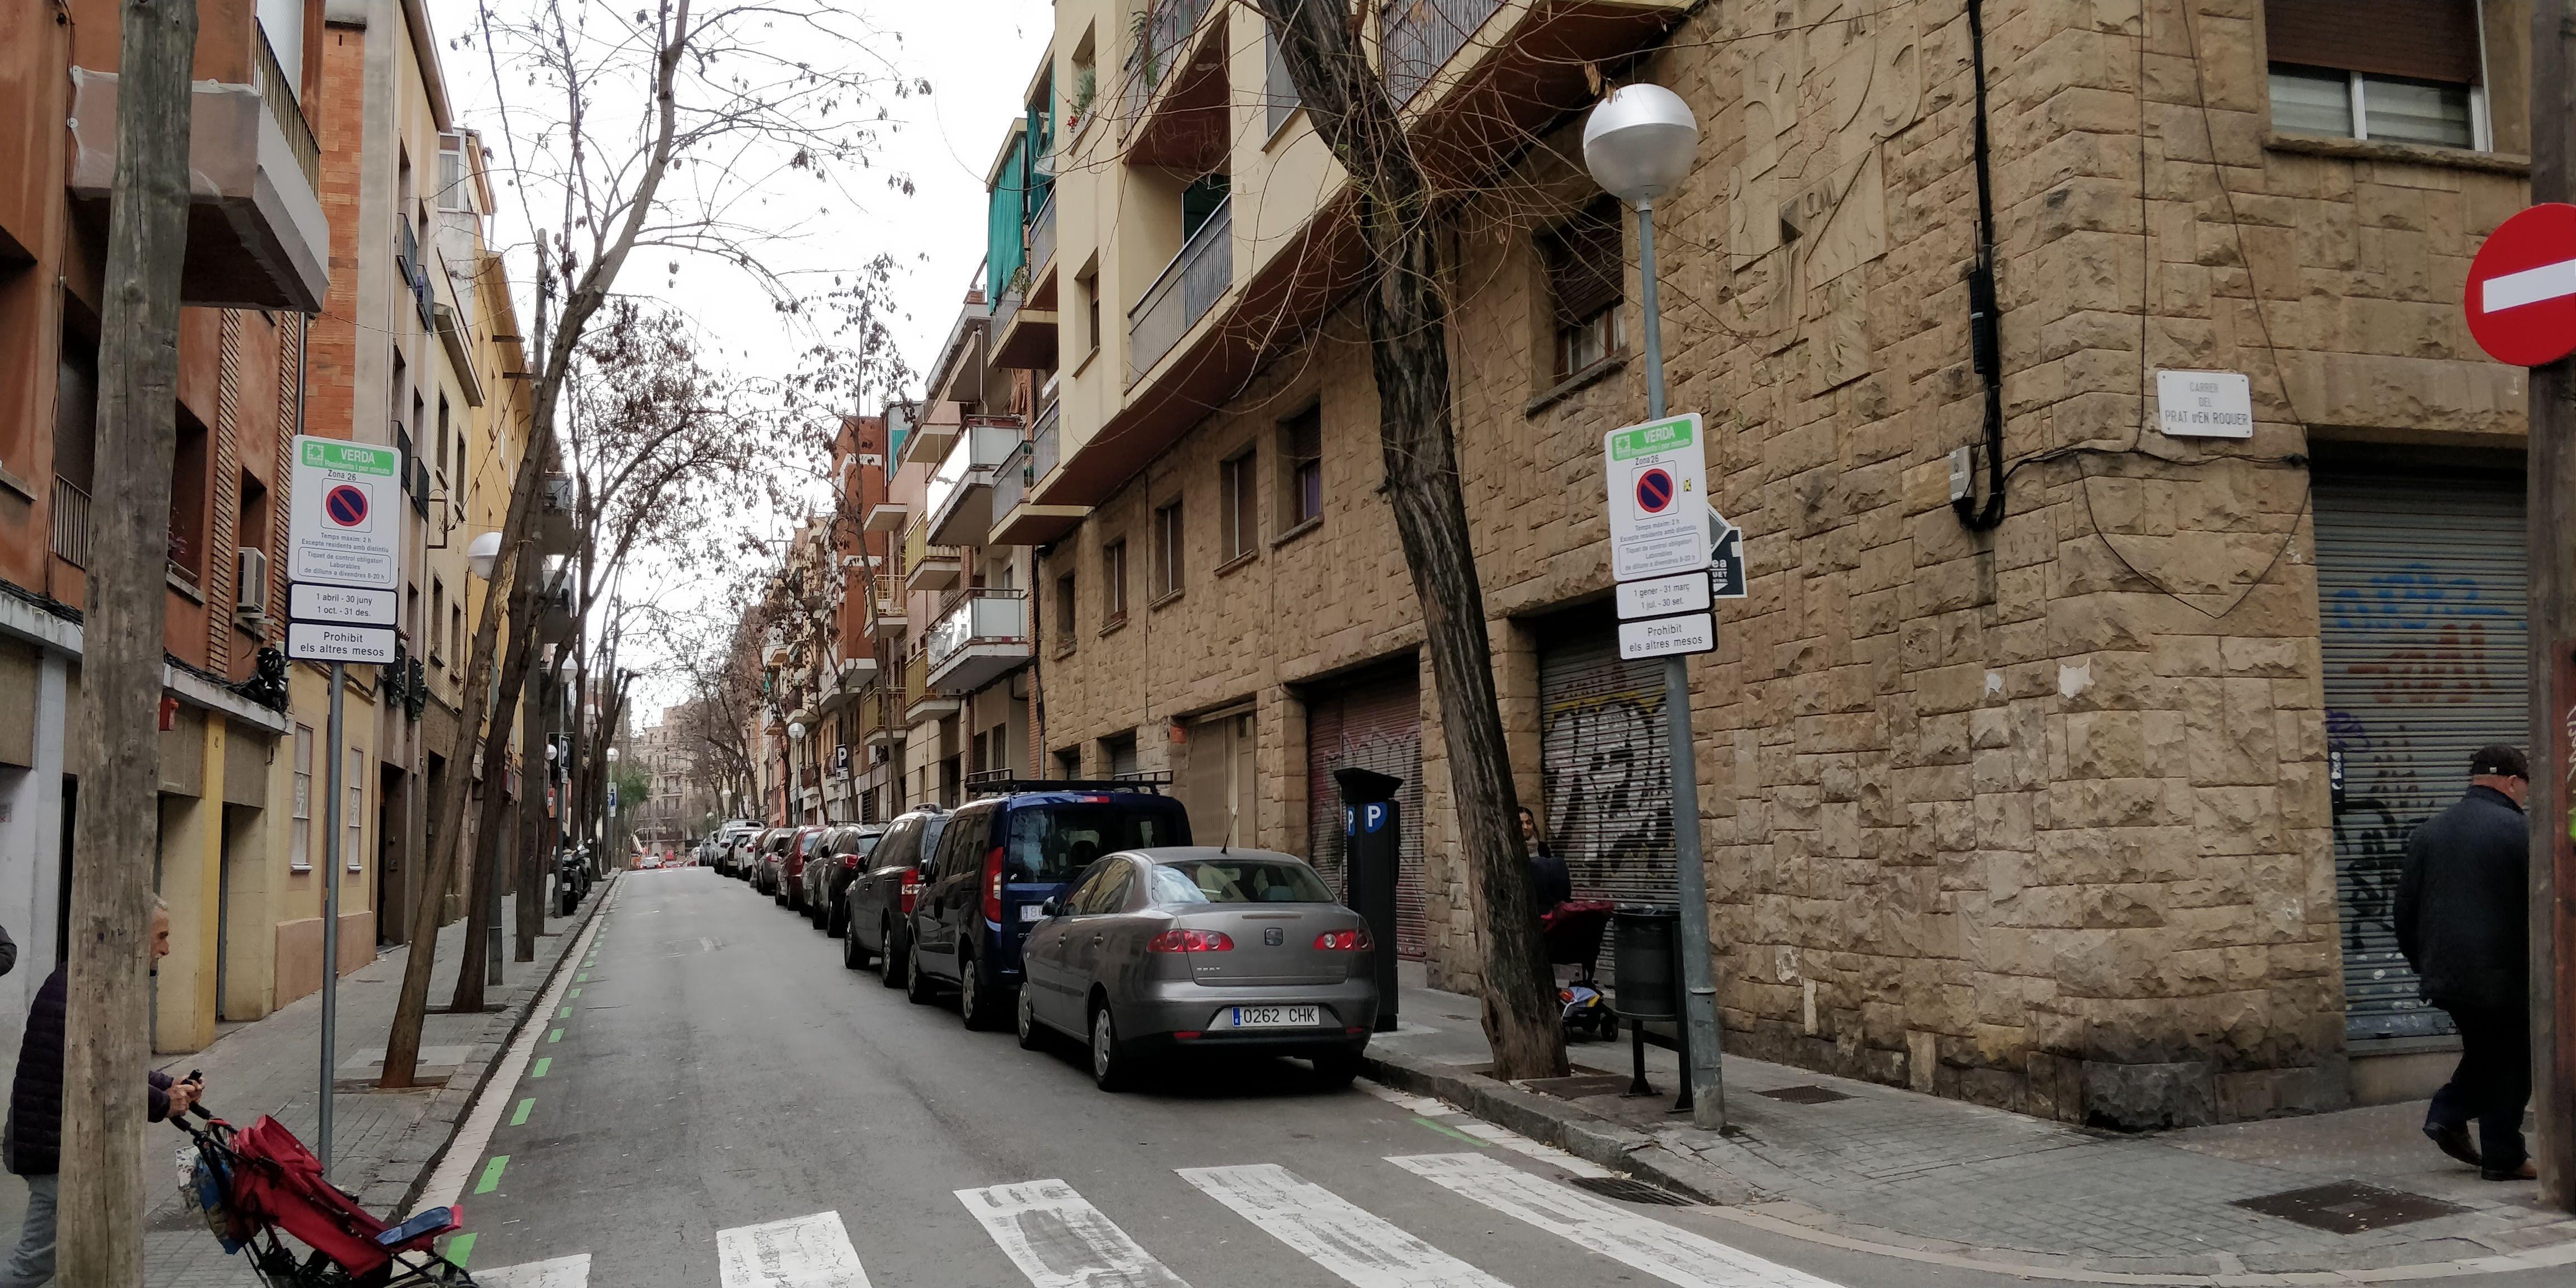 Àrea verda, al carrer Prat d'en Roquer de Barcelona